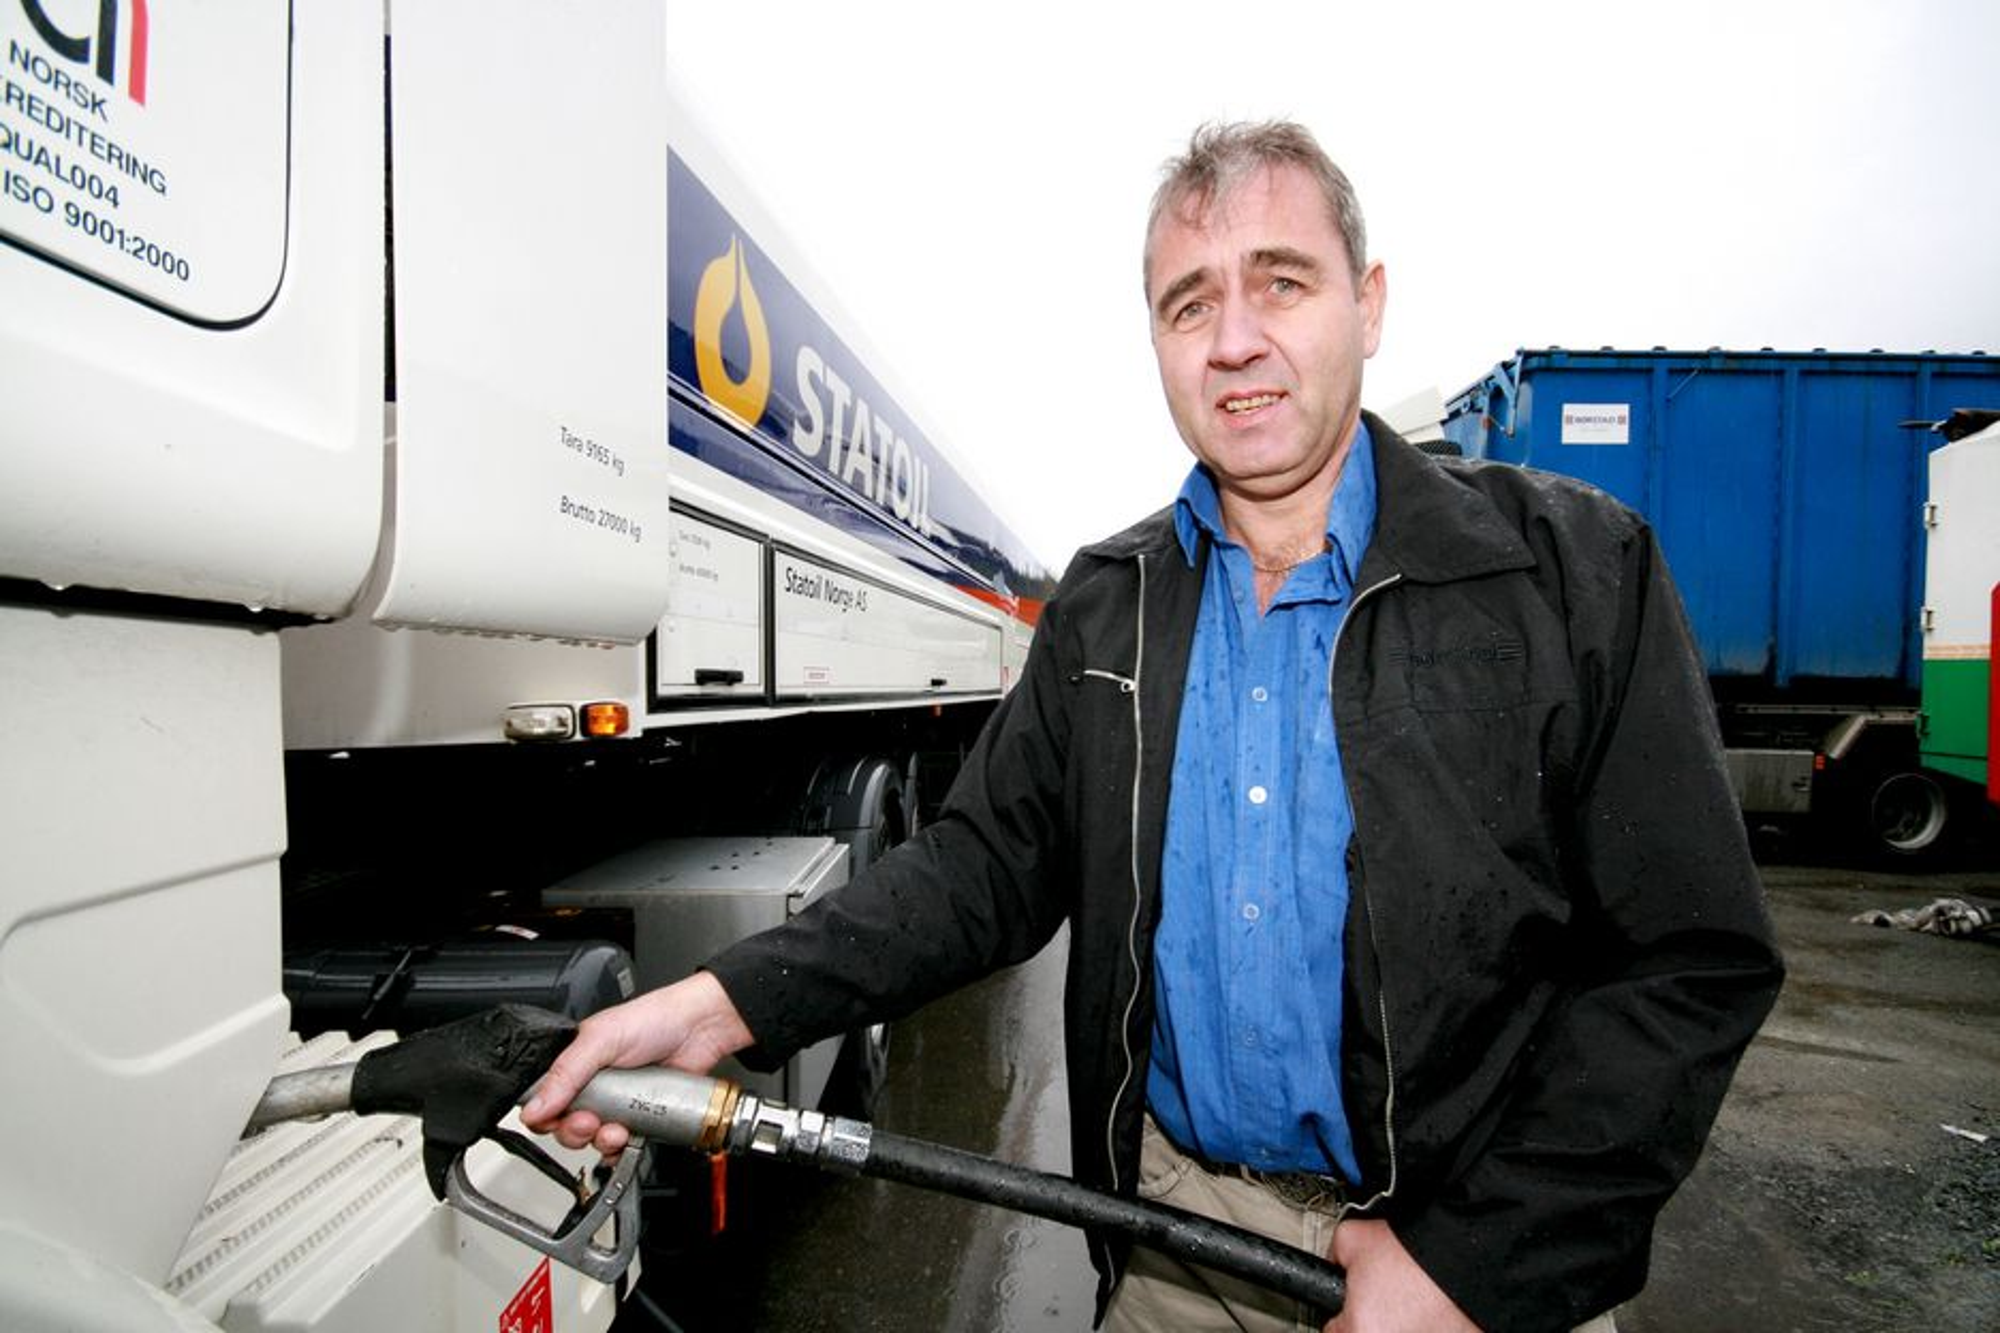 ØKT FORBRUK: Driftssjef Frode Berg hos Børstad Transport har registrert økt forbruk med bruk av fiskeolje i dieselen. Han forventer at forbruket går ned igjen når firmaet nå går over til rapsolje.